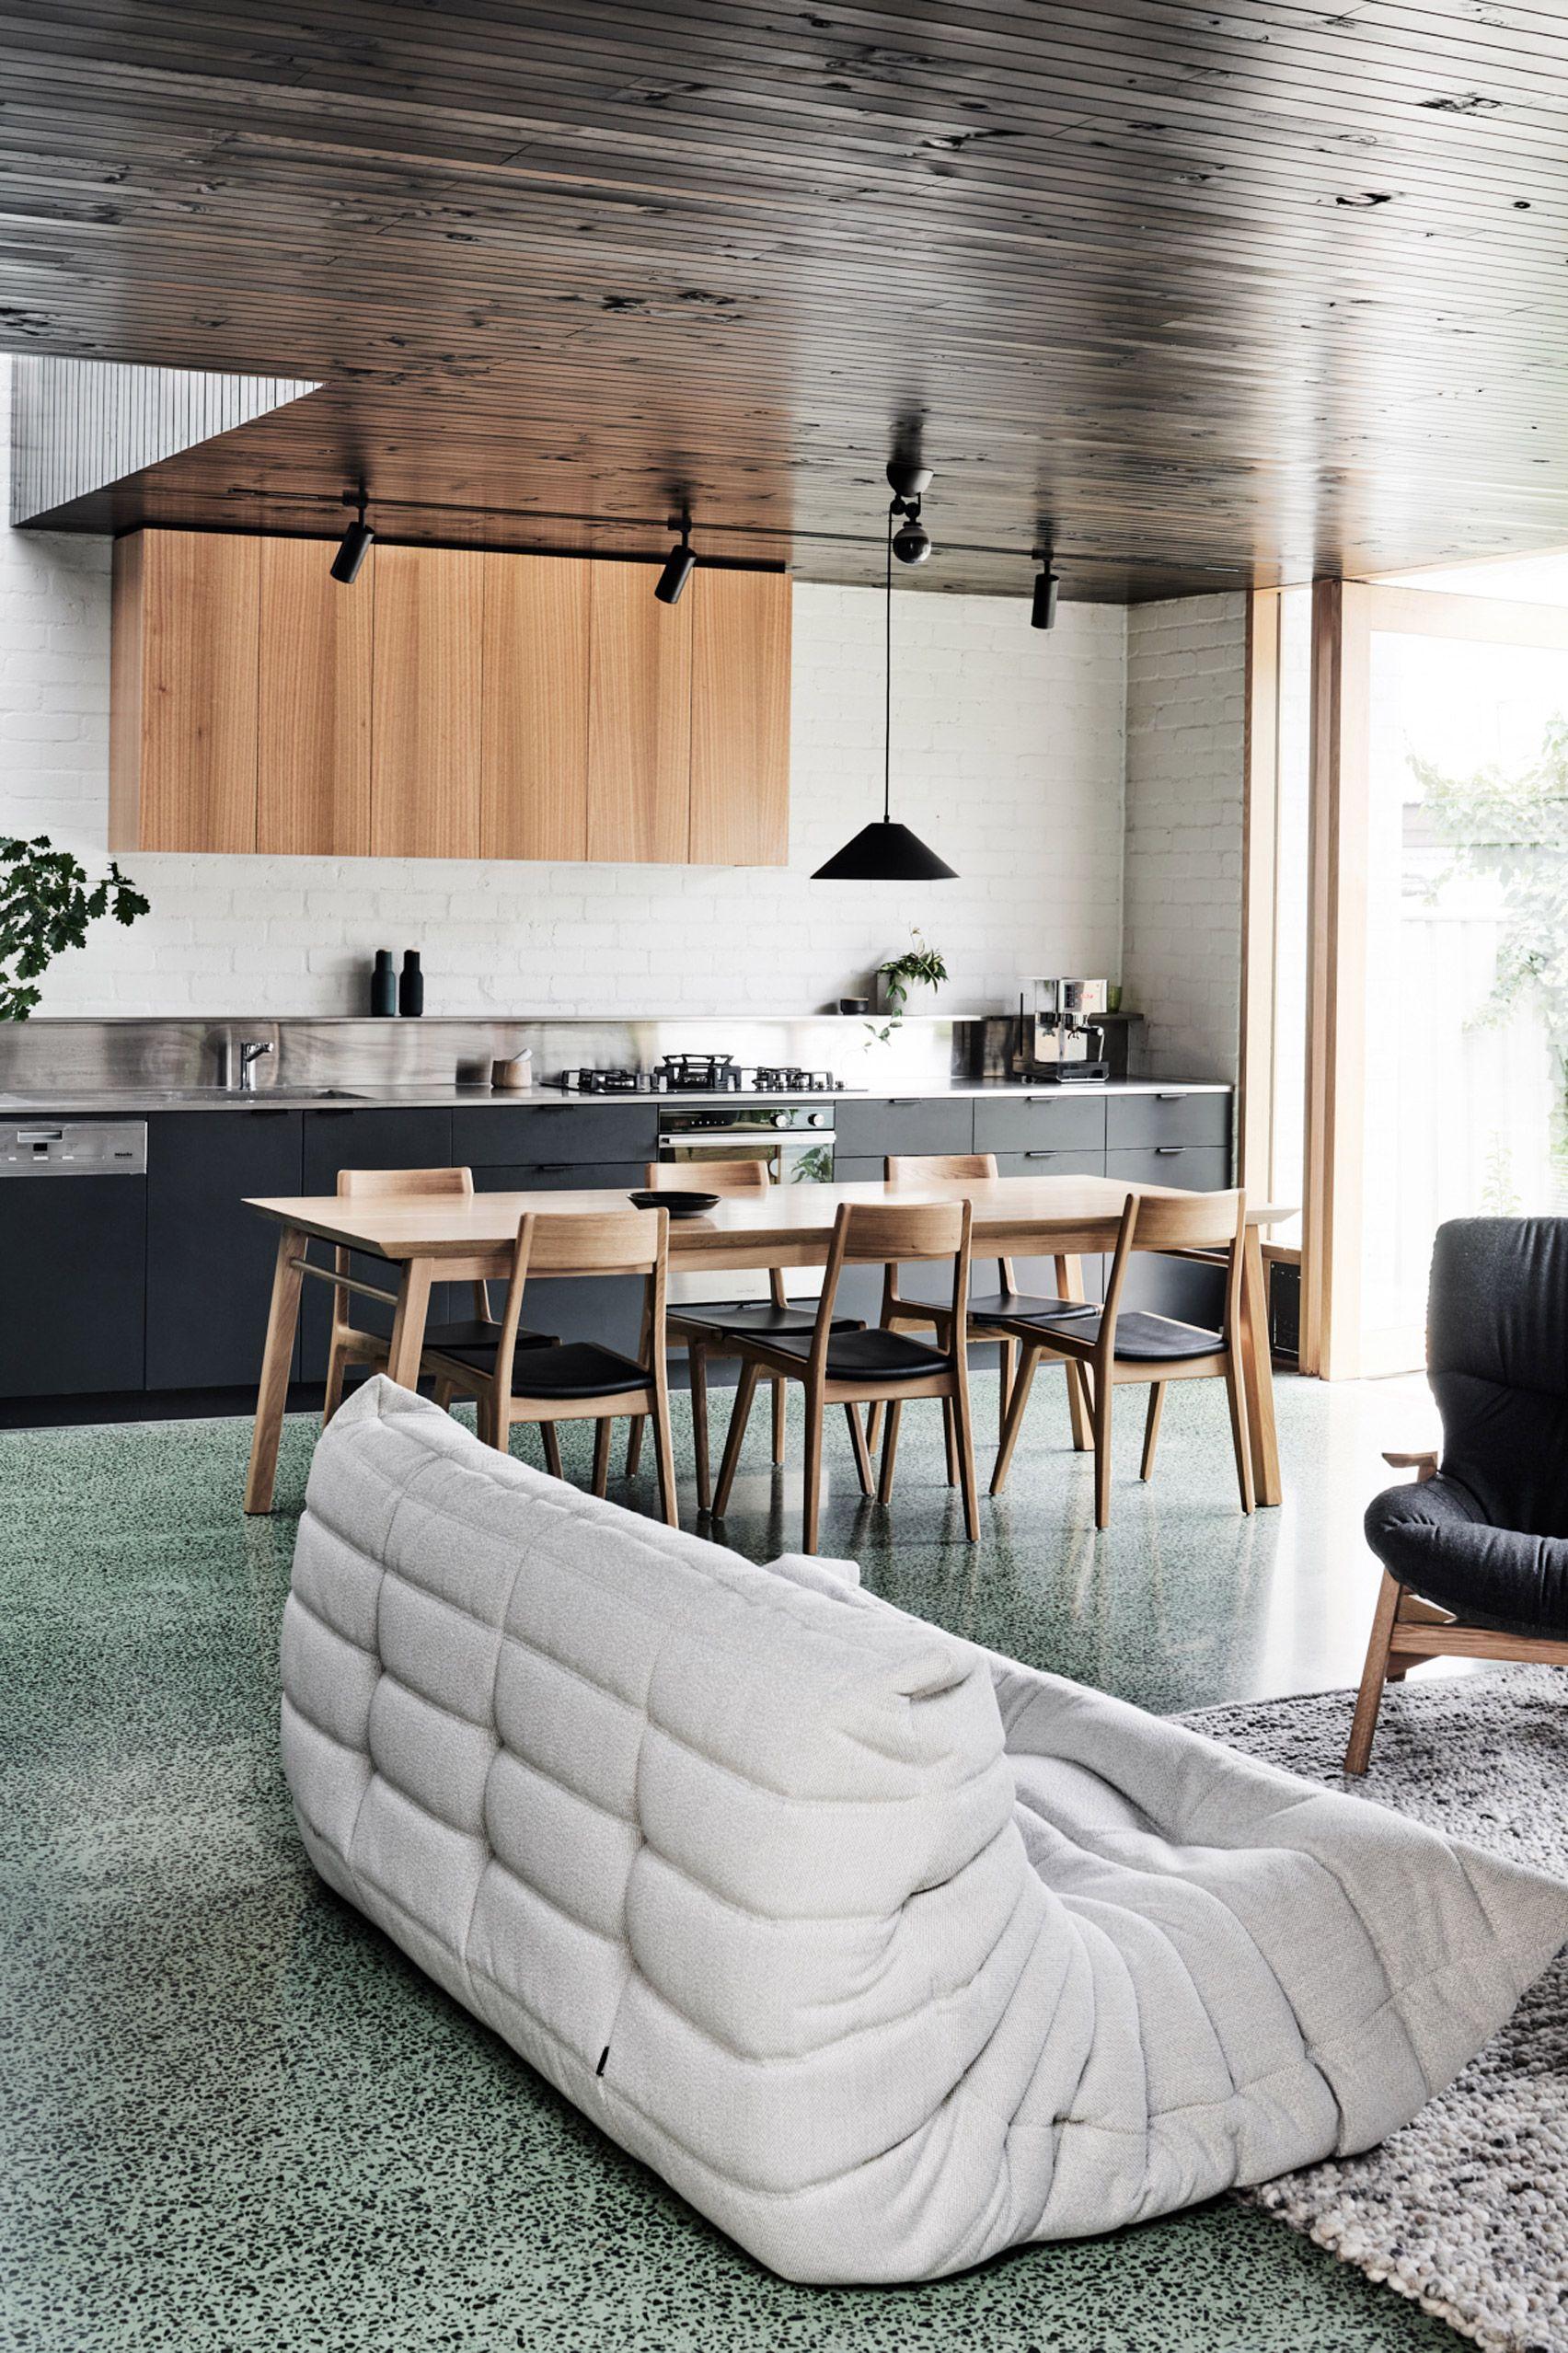 Photo tom blachford sweet home make interior decoration interior design ideas home decor home decoration ideas home decor ideas for living room